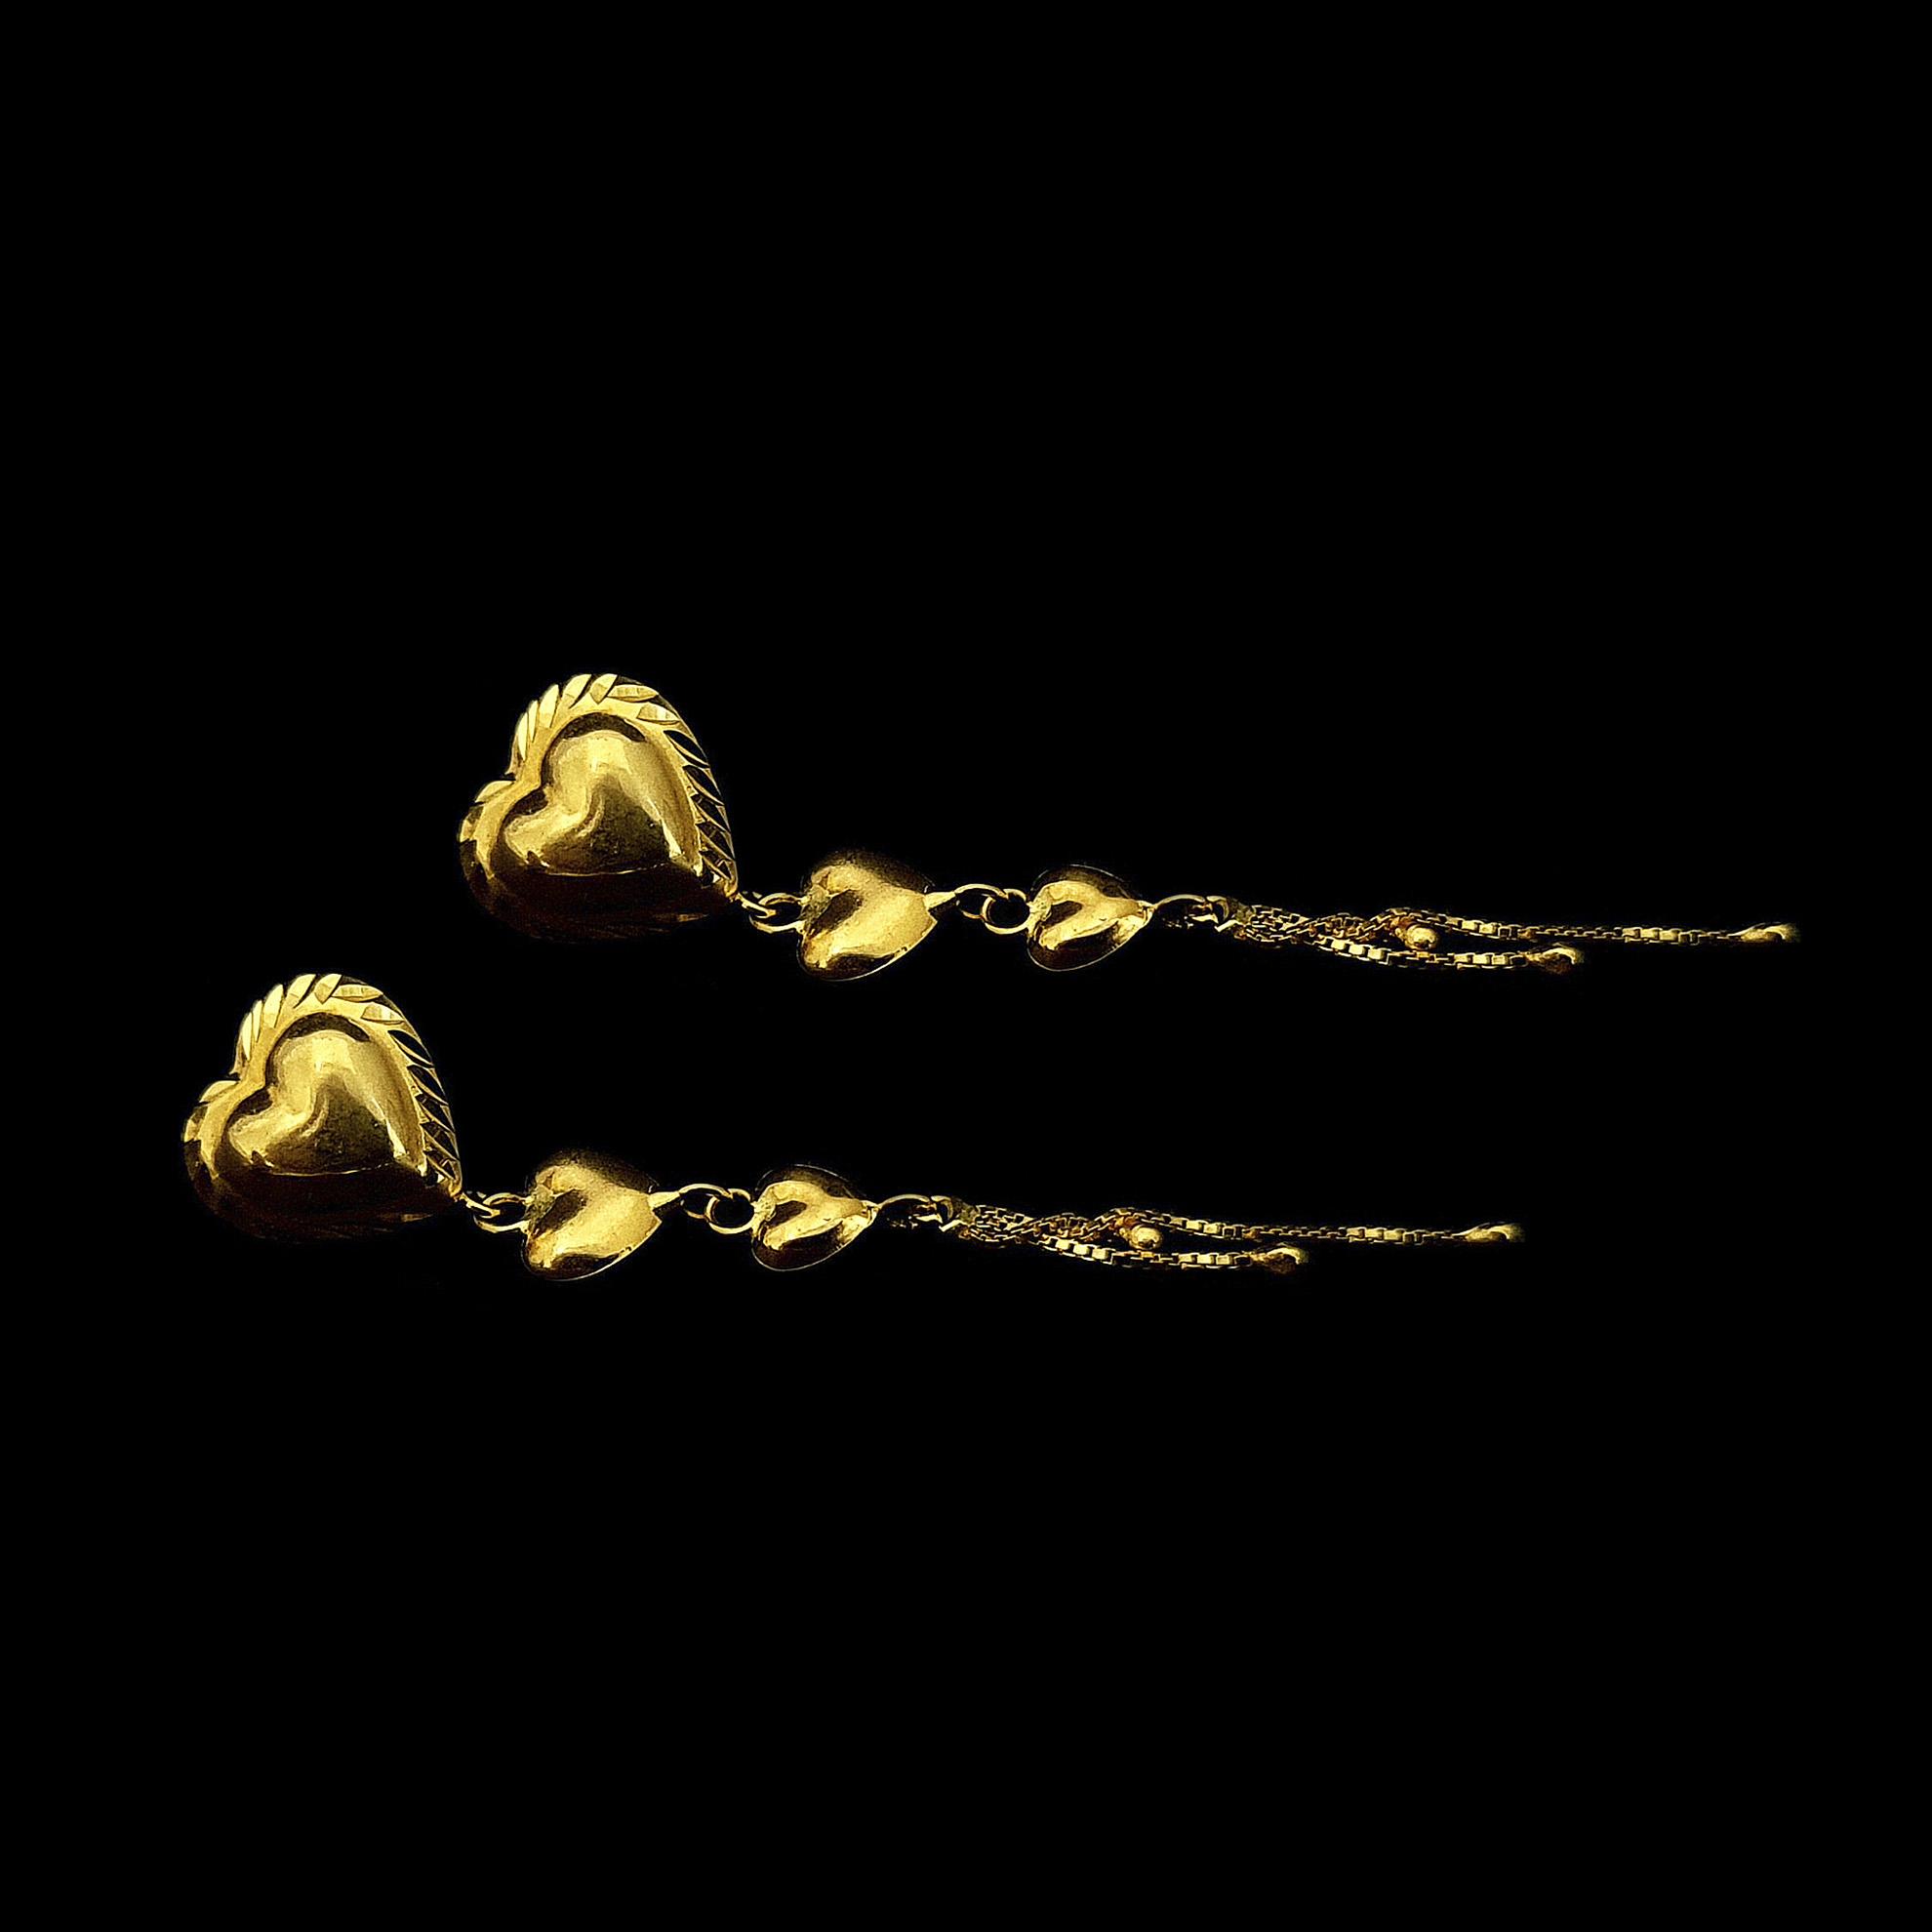 Brinco Coração c/ Franja em Ouro 18 Kilates